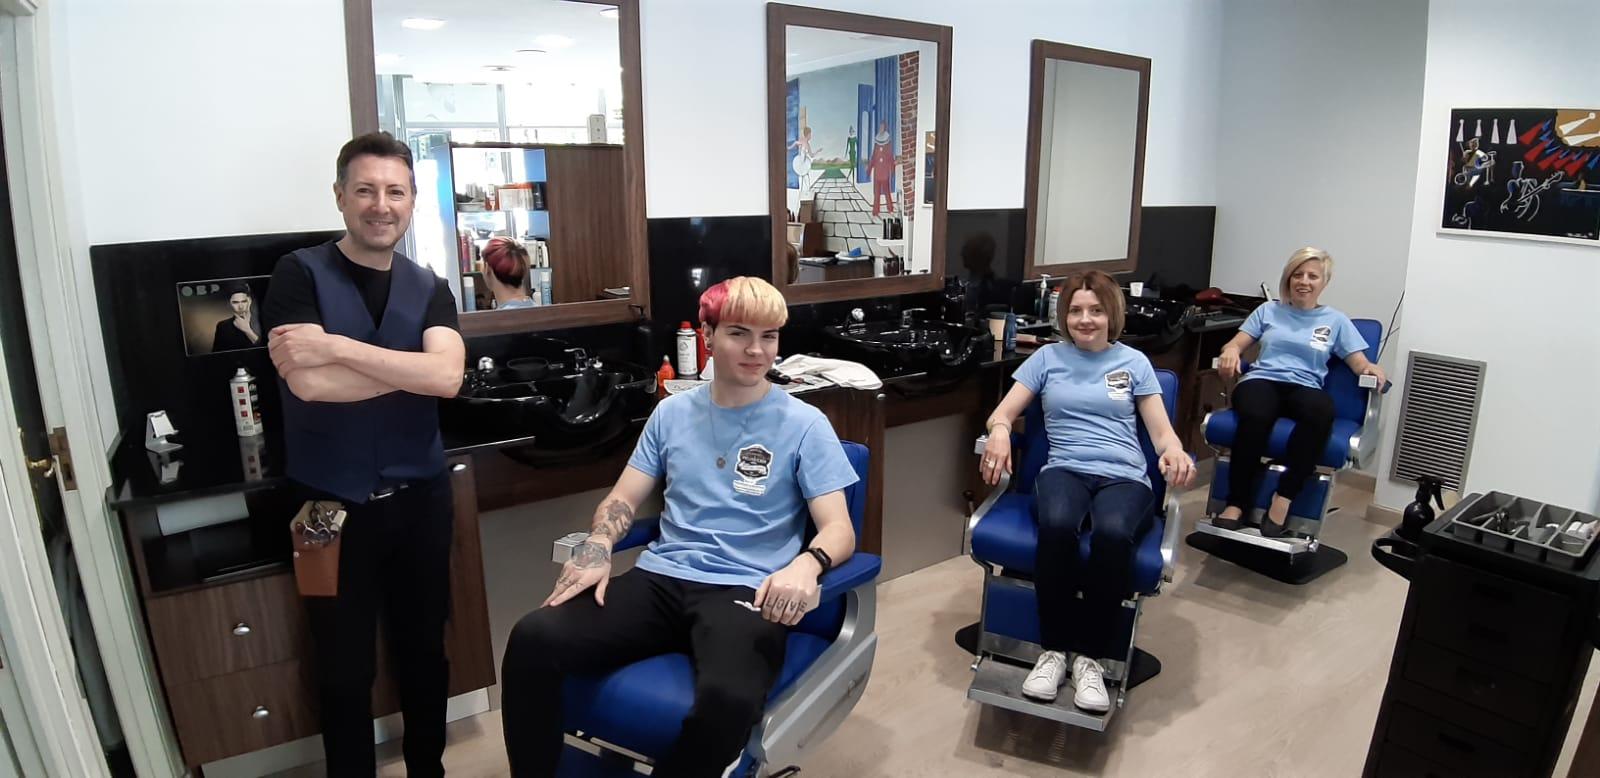 Equipo de peluqueros de la peluquería en Zaragoza Arturo Comín